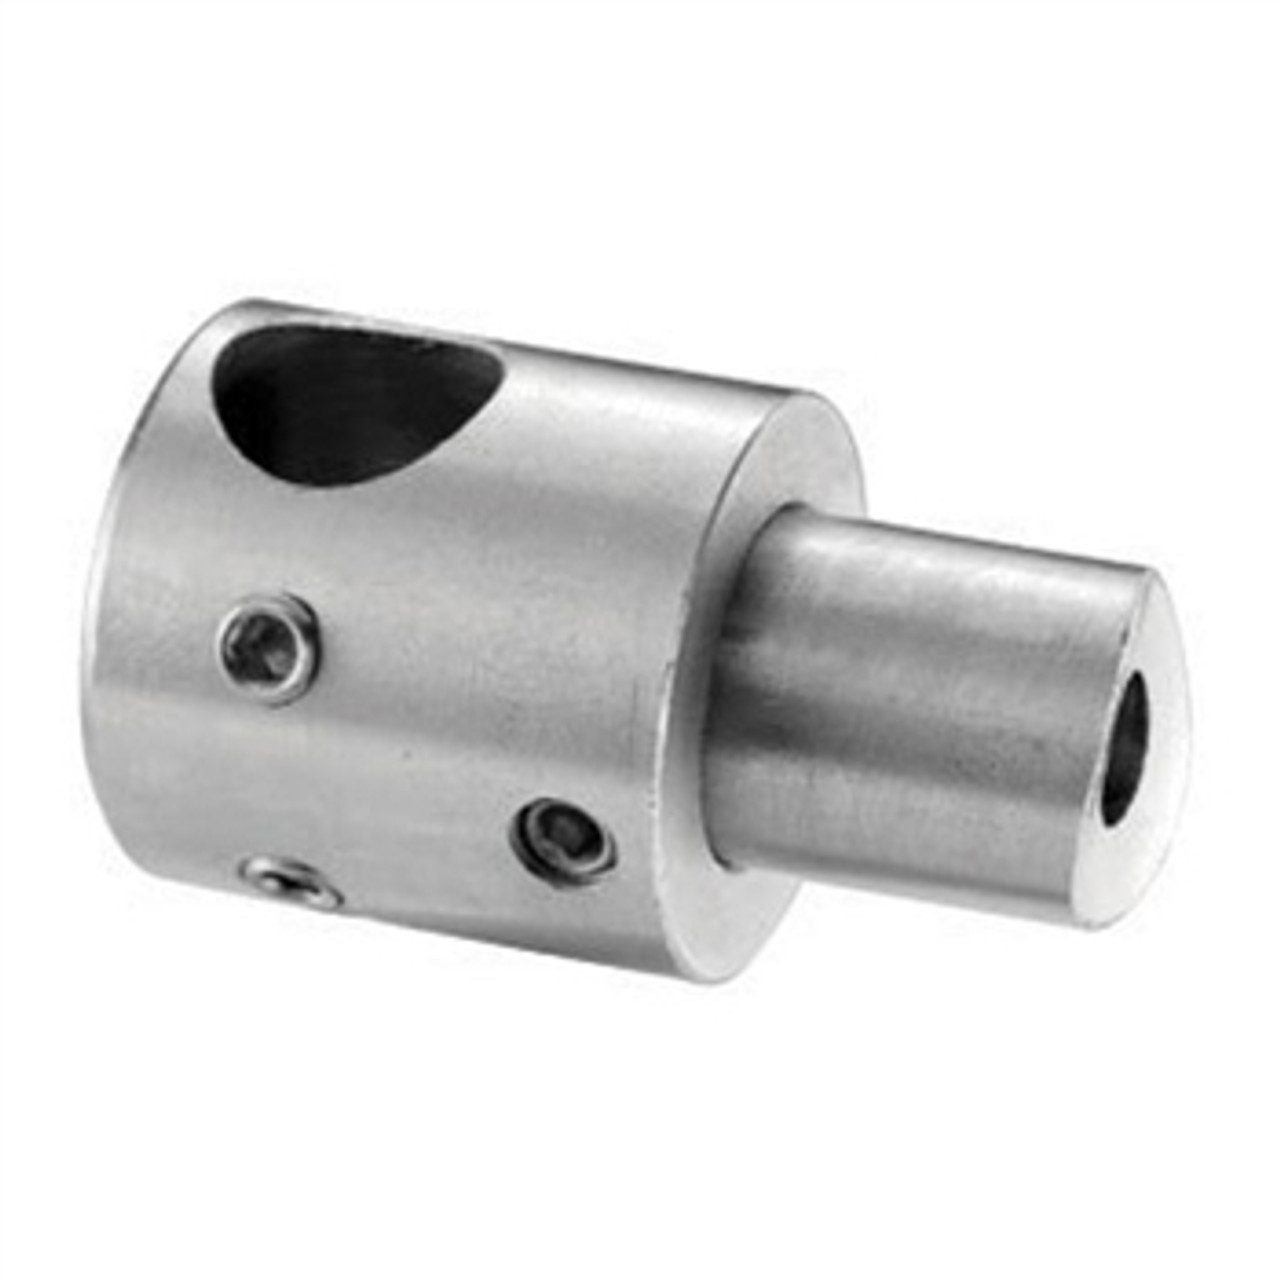 E006 Stainless Steel Bar Holder